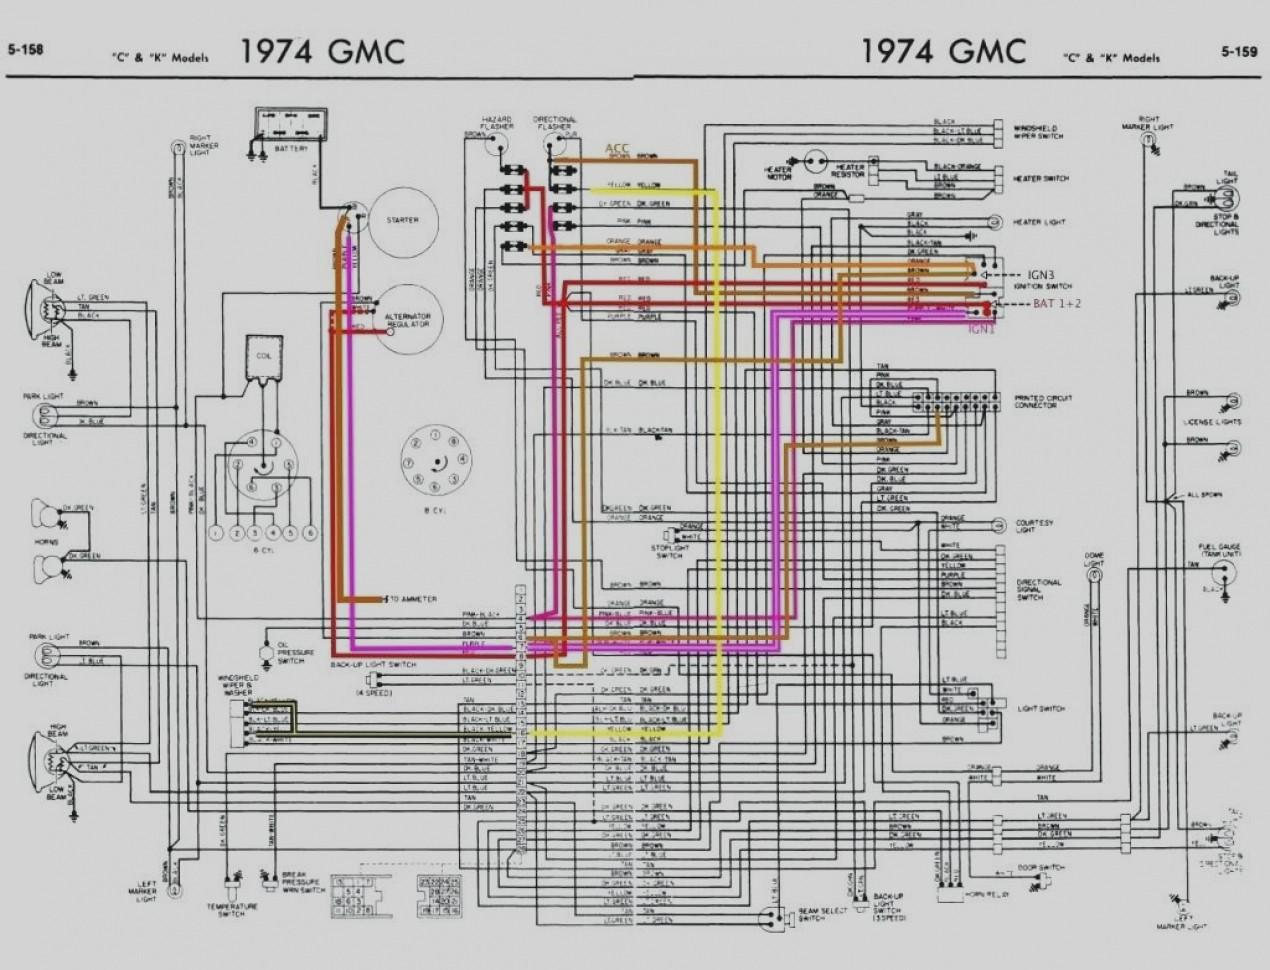 1967 chevy pickup wiring diagram schematic 1967 engine wiring diagram index wiring diagrams  1967 engine wiring diagram index